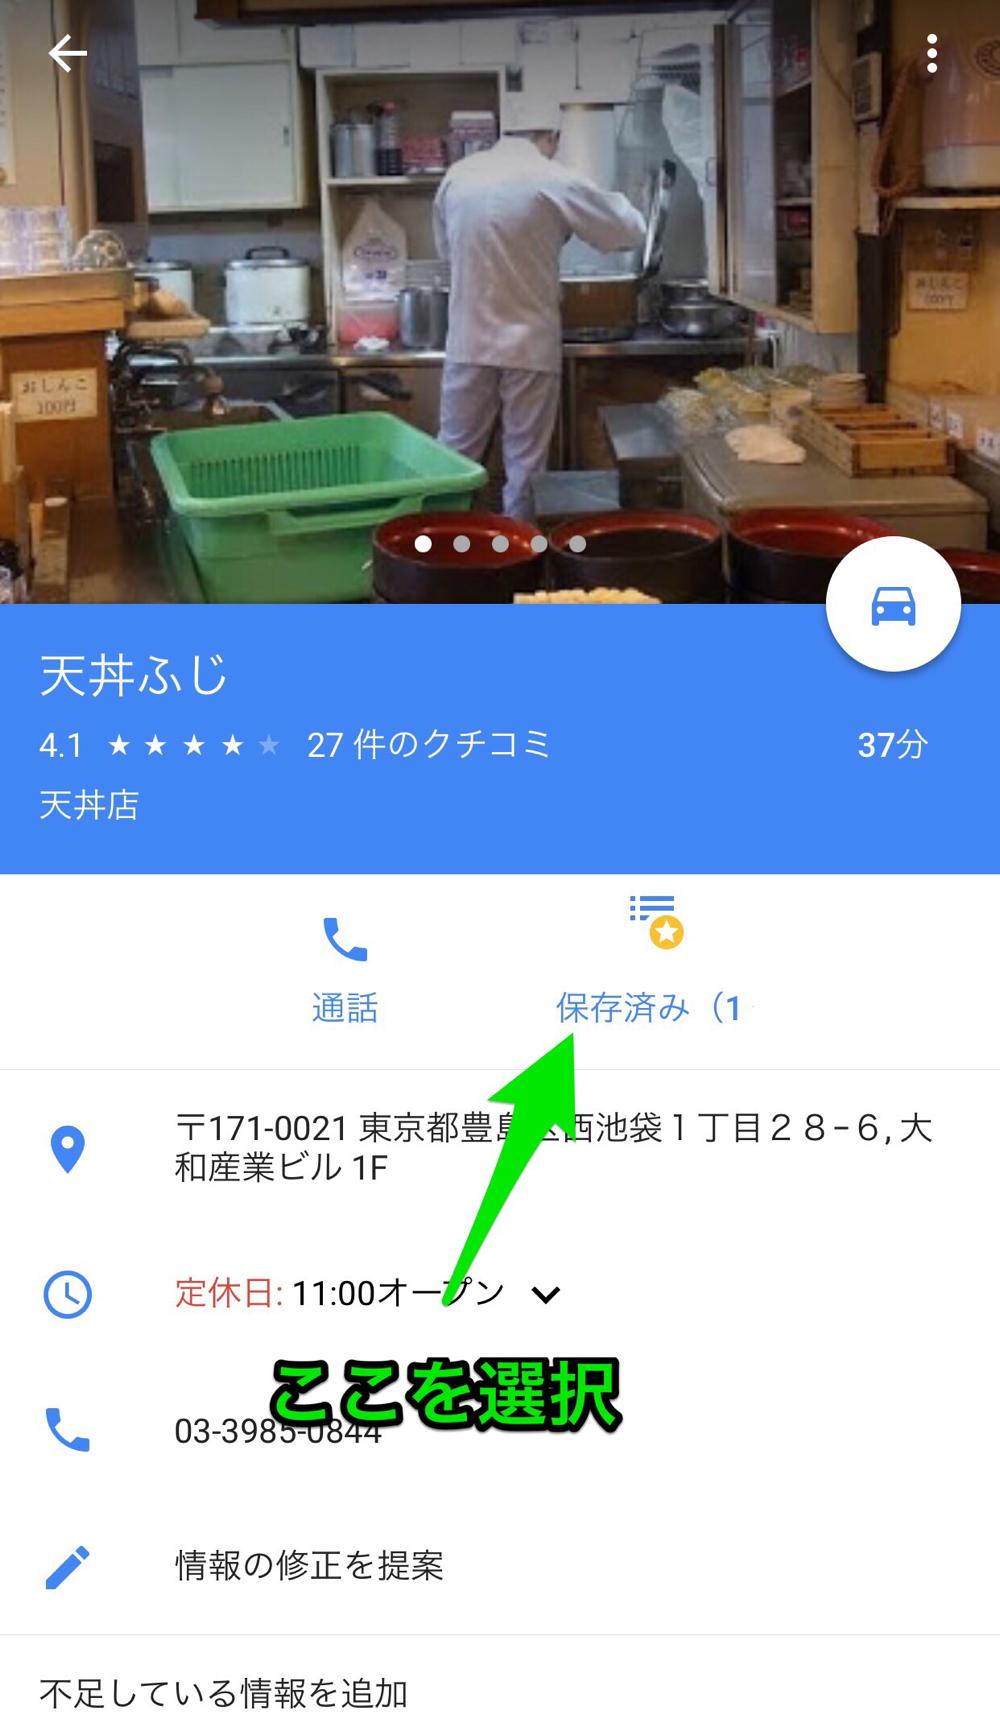 googelmap3